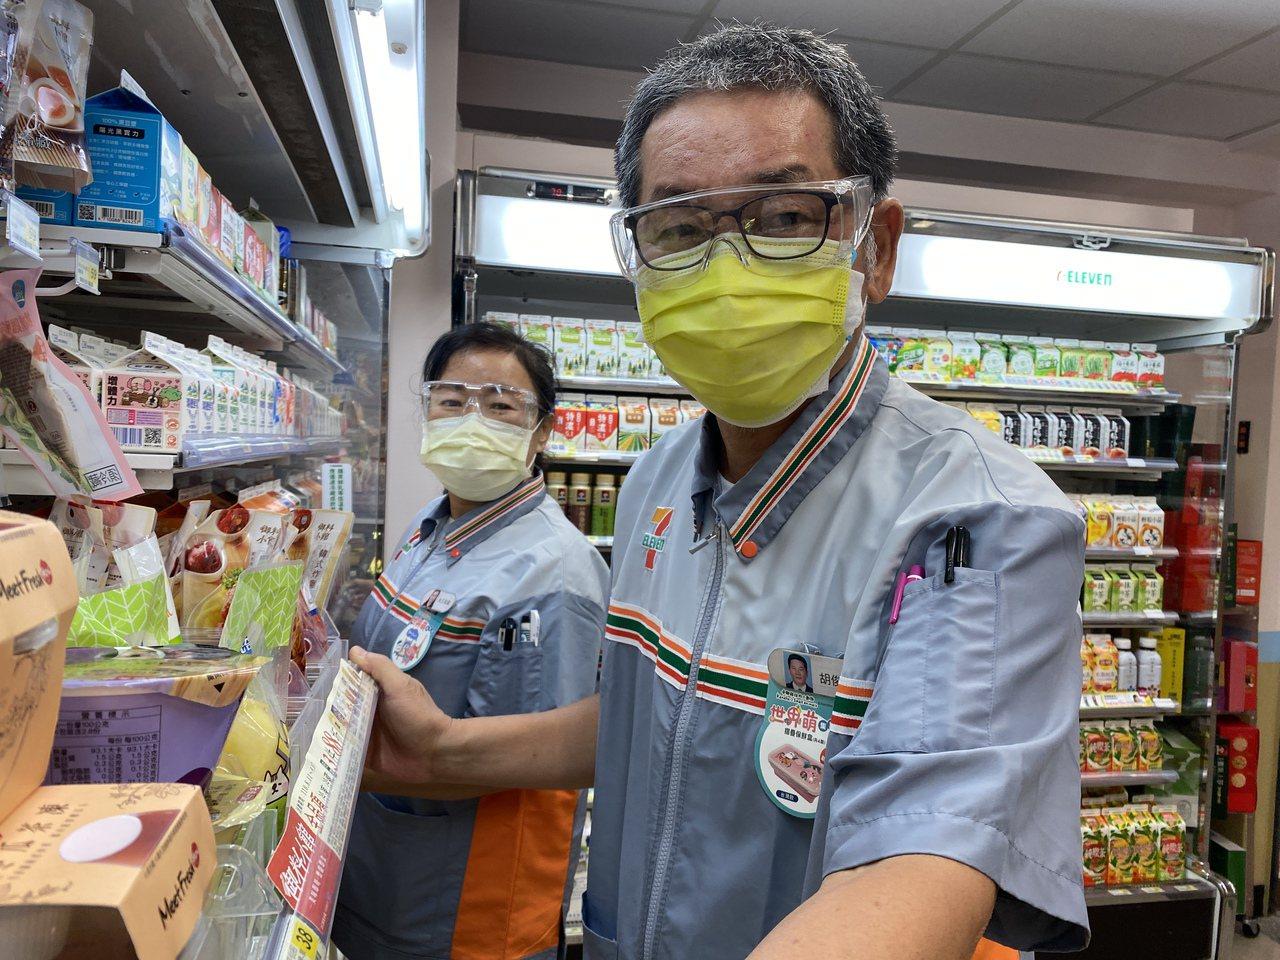 樂齡店員60歲王双鳳(後)與65歲胡俊富(前),抱持不斷學習精神,在超商工作,開...